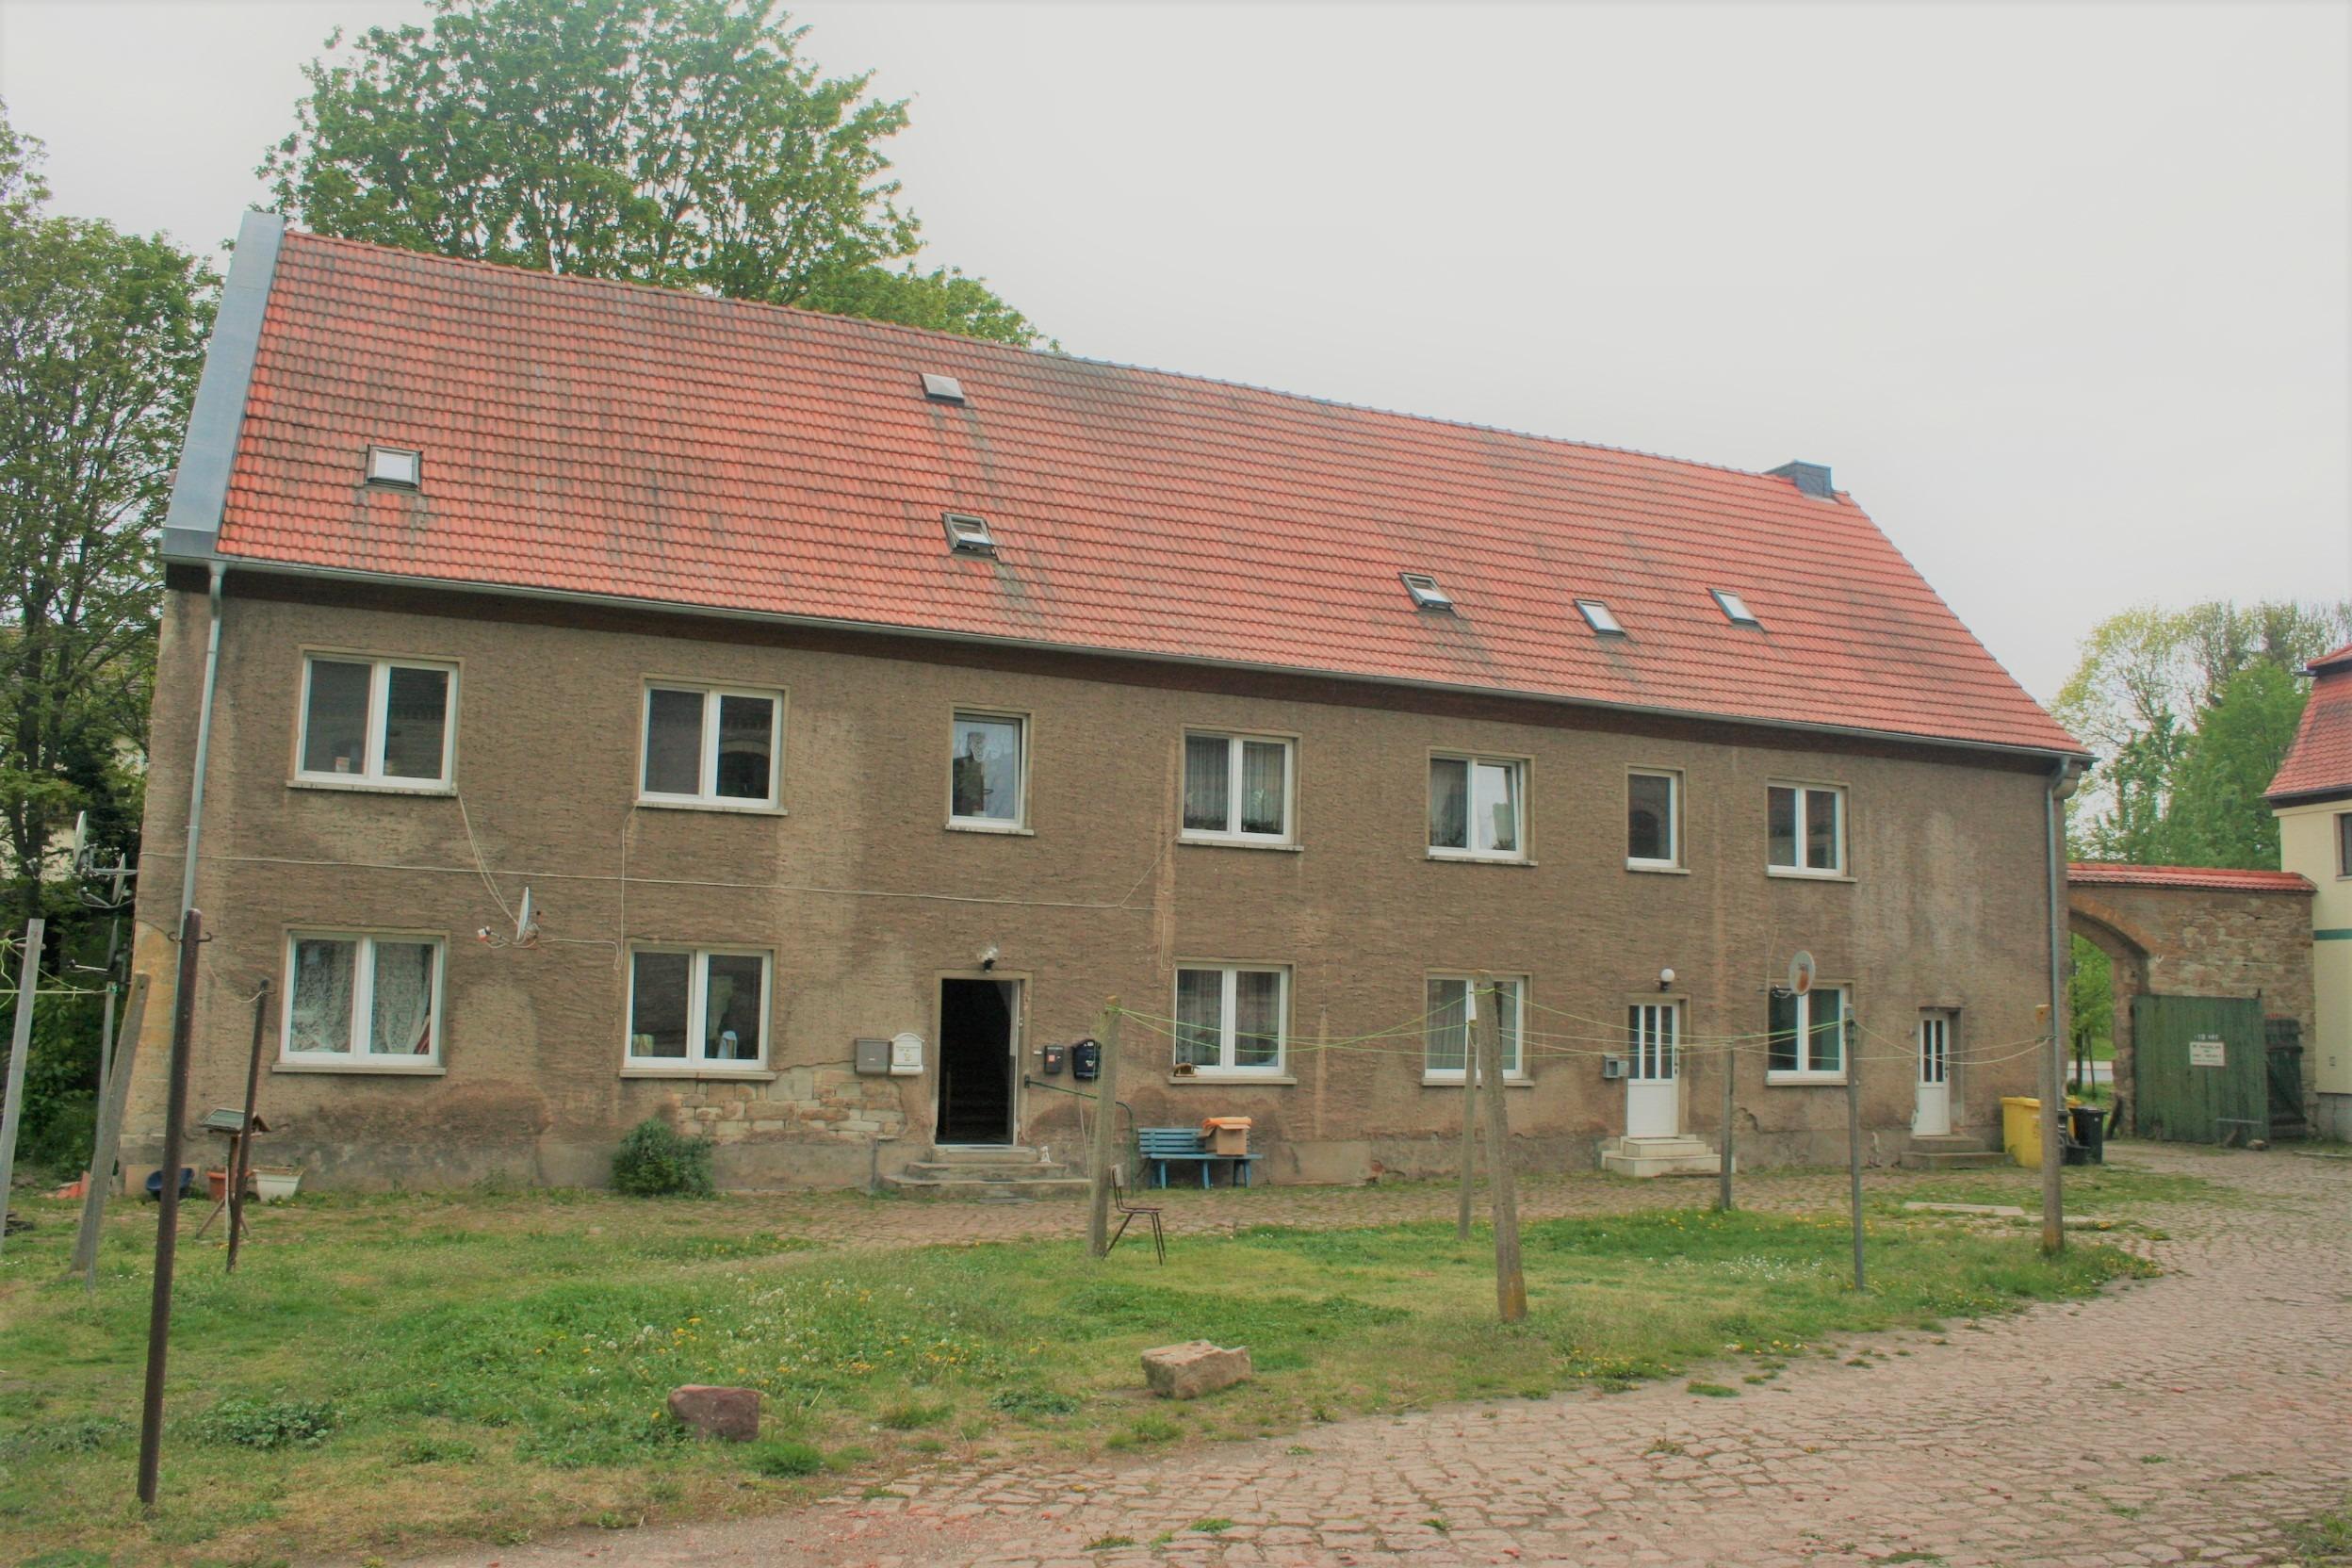 Gutshof Fienstedt - Wohnhaus